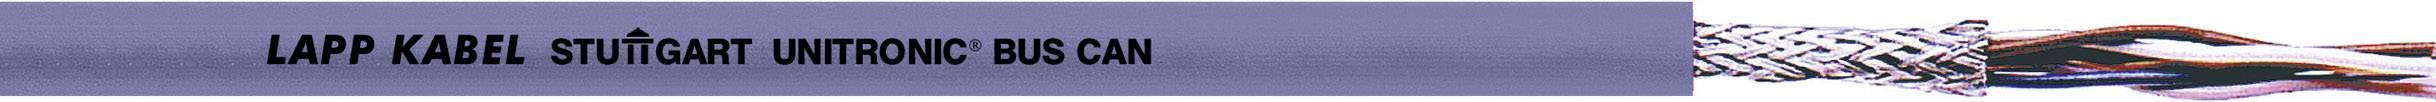 Zbernicový kábel LappKabel UNITRONIC® BUS 2170260, vnější Ø 5.70 mm, fialová, metrový tovar